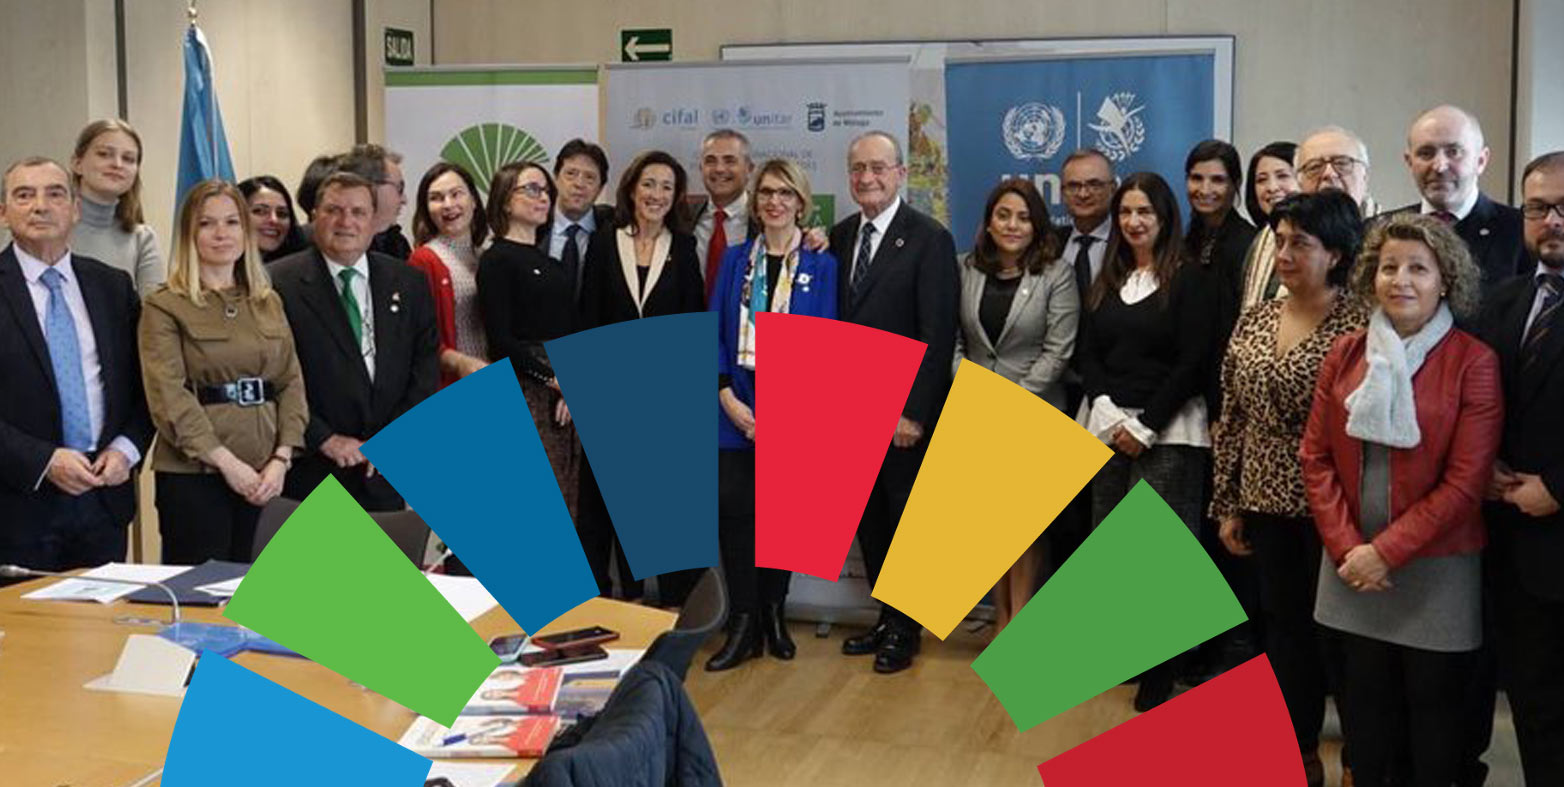 Cibervoluntarios parte del comité científico de CIFAL Málaga por los Objetivos de desarrollo Sostenible